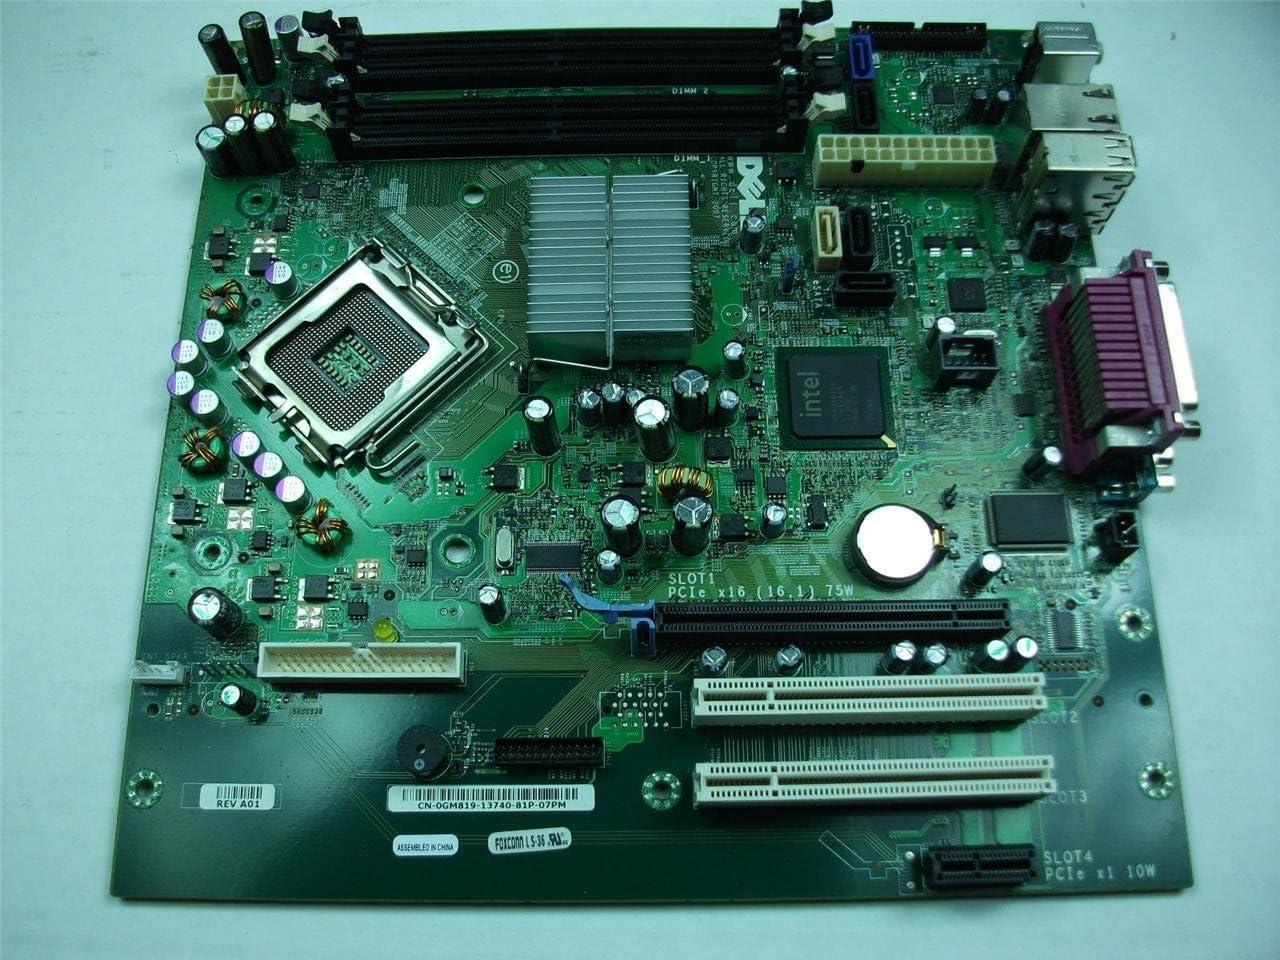 Dell Optiplex GX755 small minitower motherboard - MP621